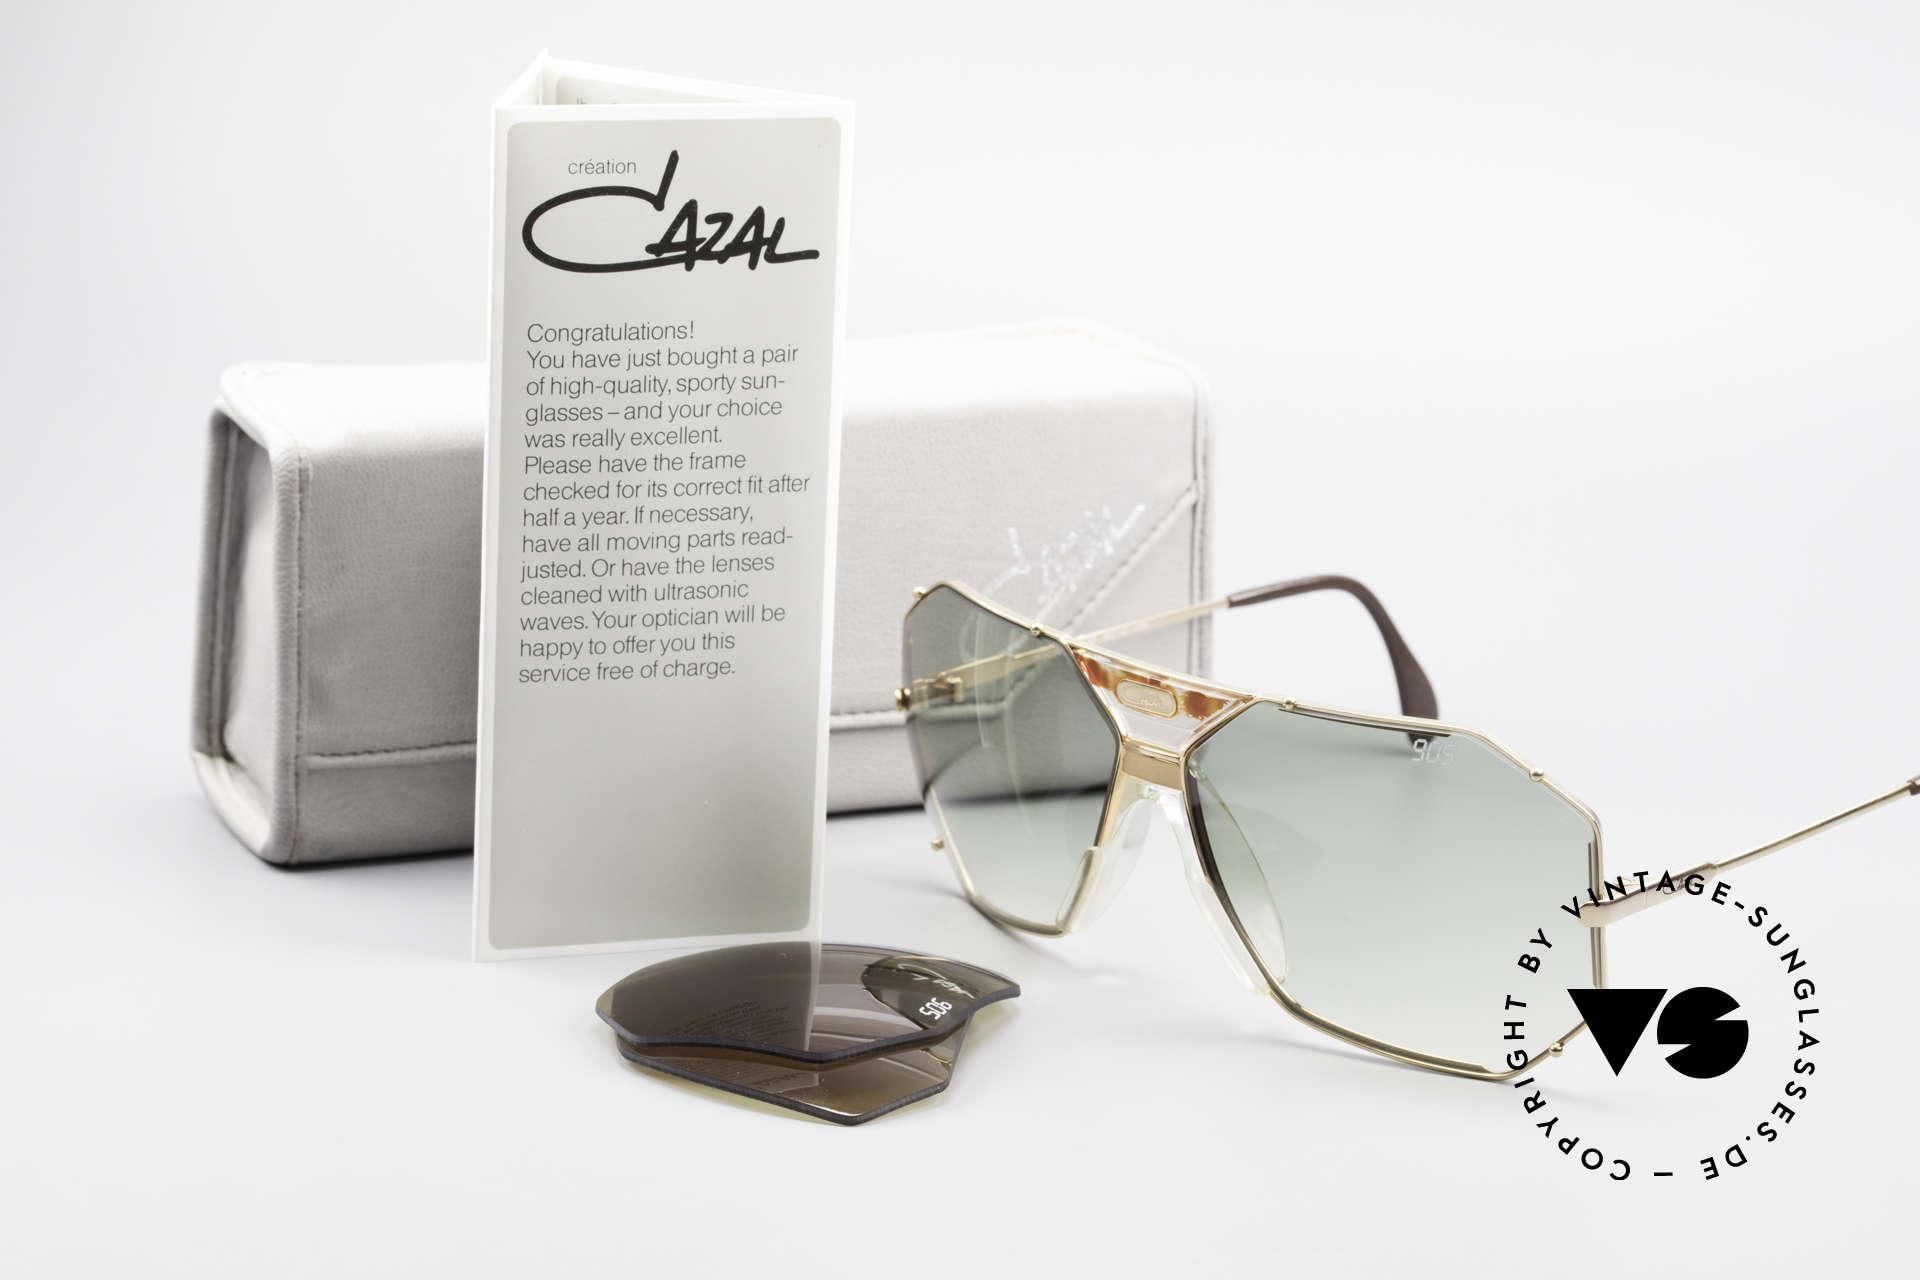 Cazal 905 Gwen Stefani Sonnenbrille 80er, altes W.GERMANY ORIGINAL (keine Reproduktion), Passend für Herren